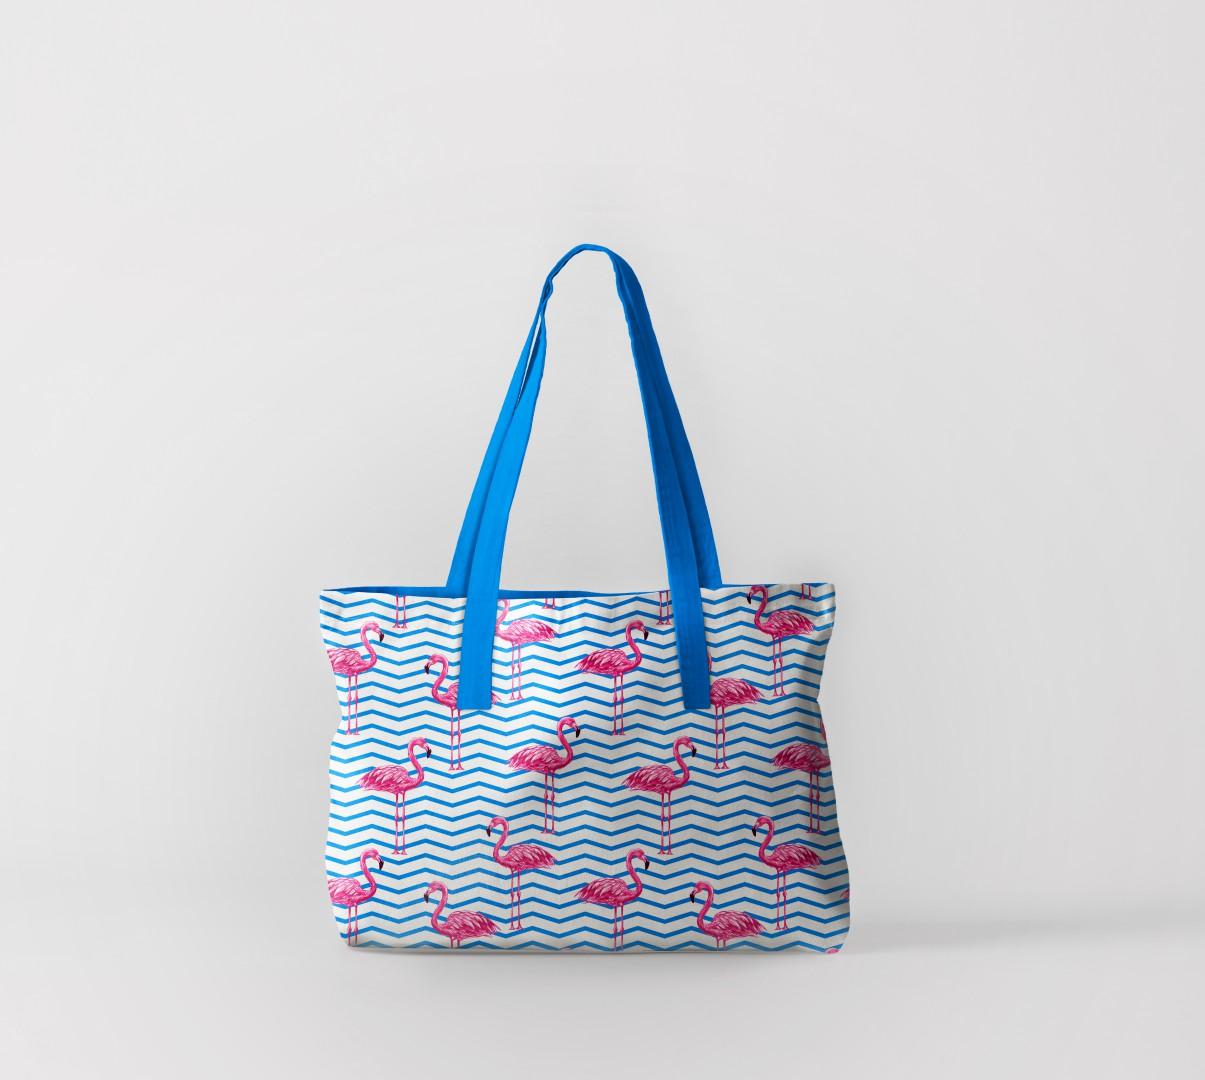 Пляжная сумка Фламинго на волнах (50х40 см) Олимп Текстиль oli732599